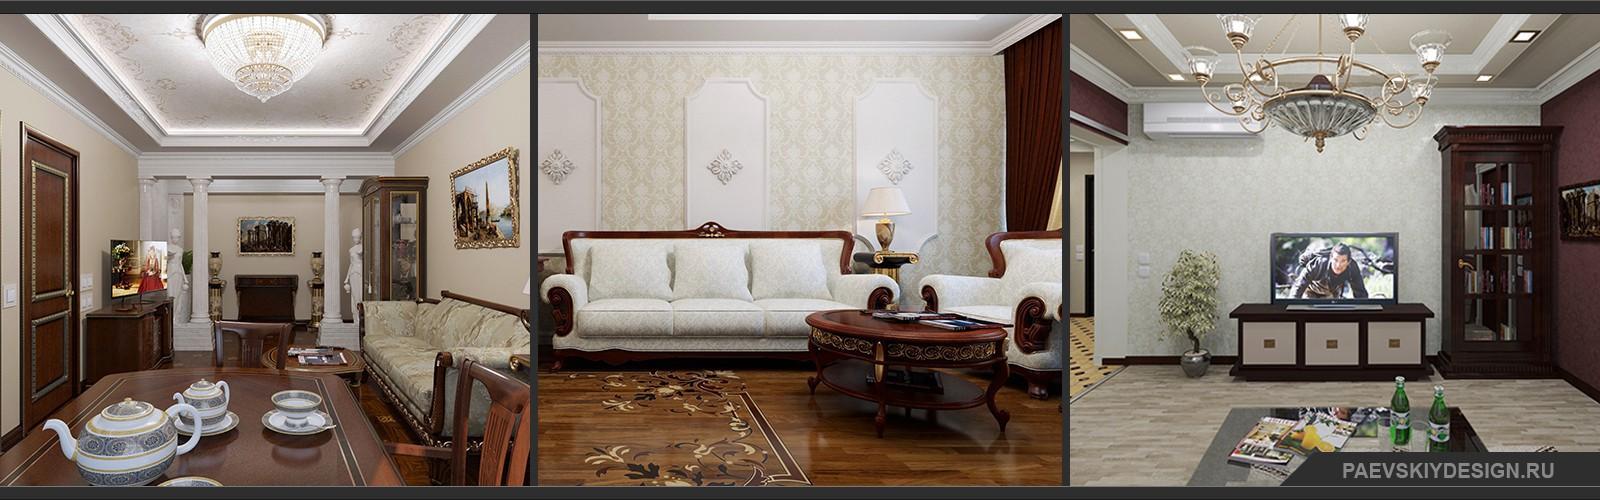 Дизайн проект гостиной комнаты в загородном доме квартире